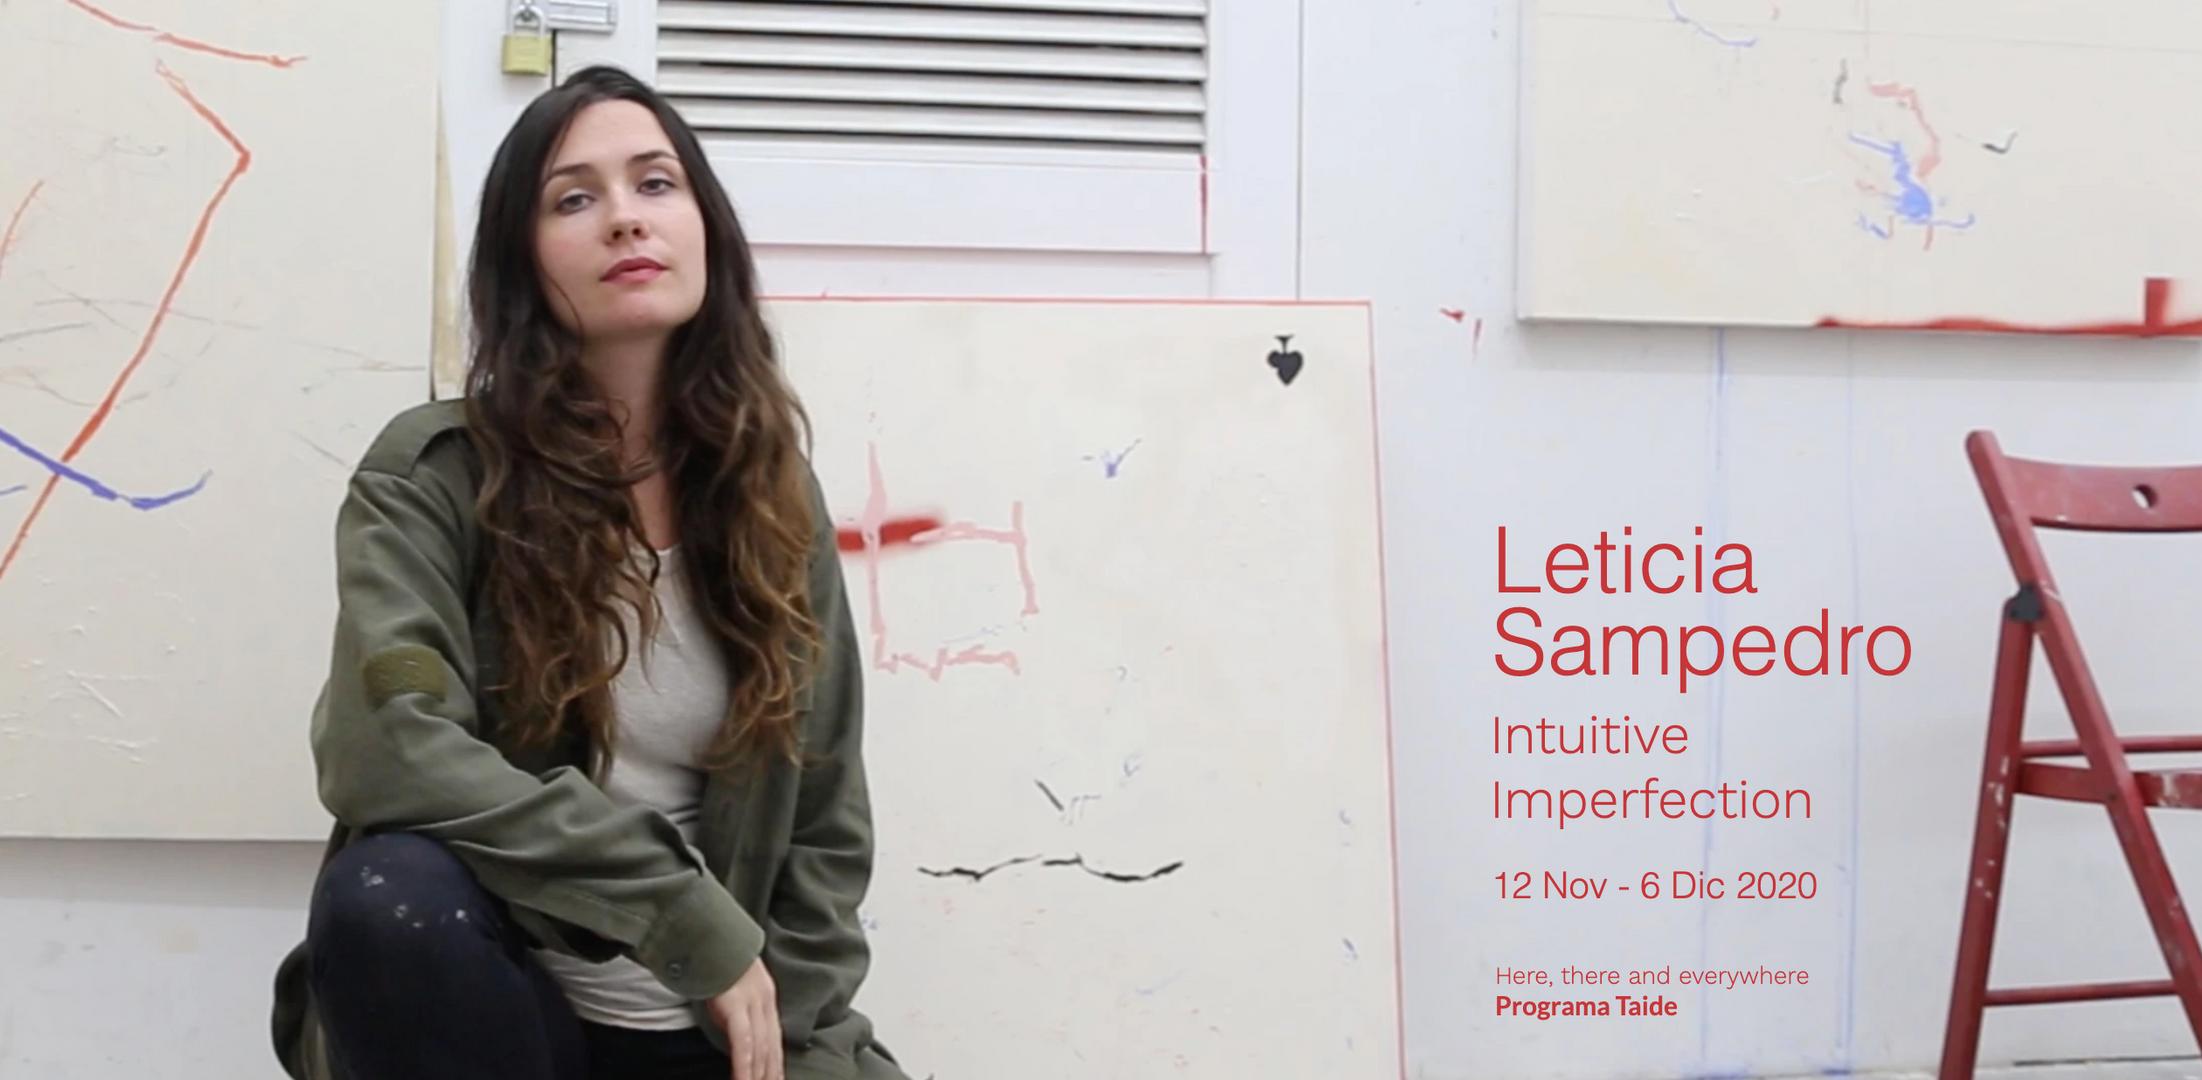 Leticia Sampedro